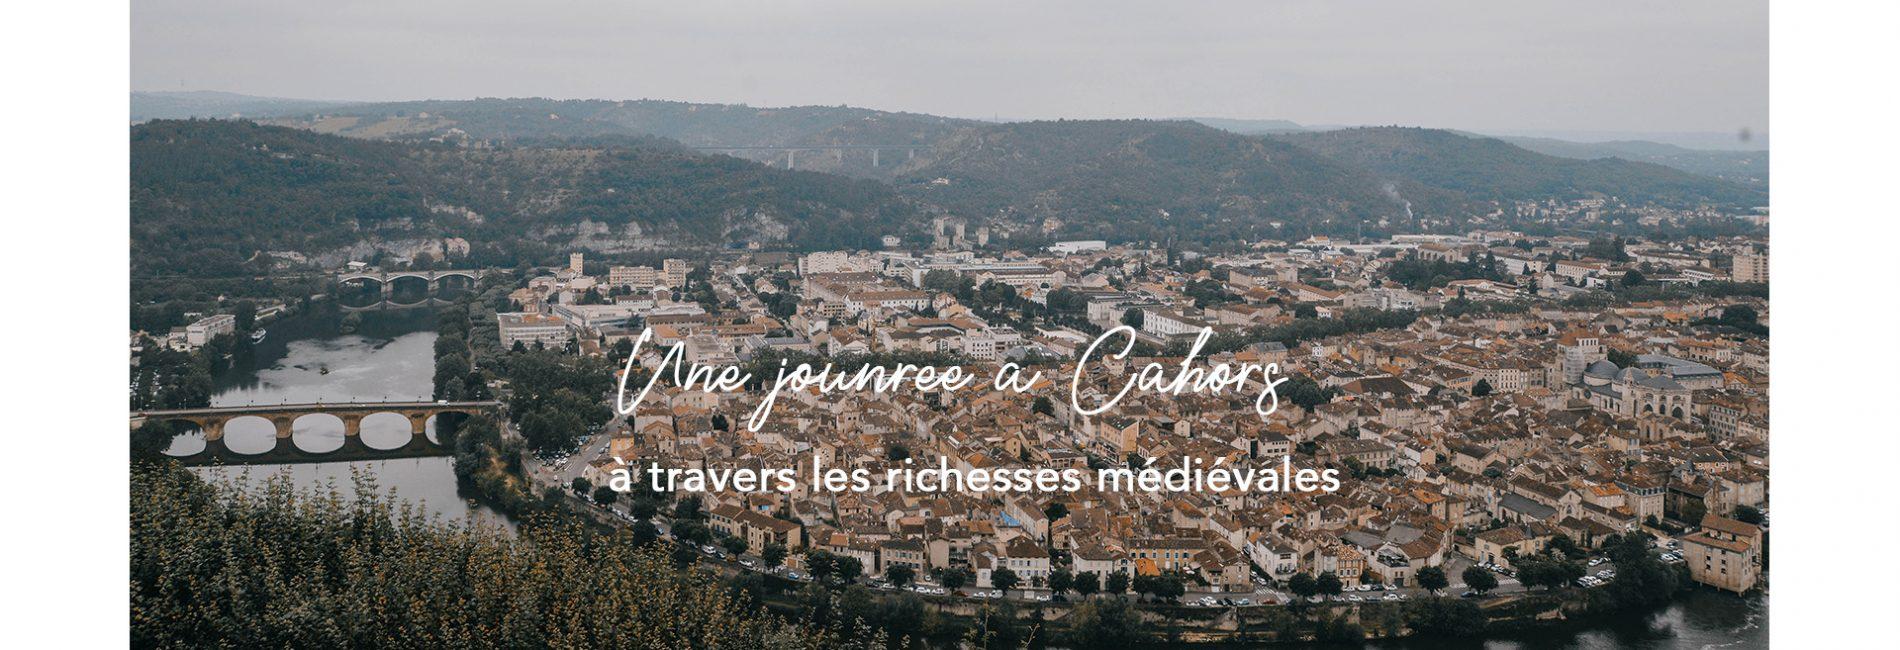 Une journée à Cahors